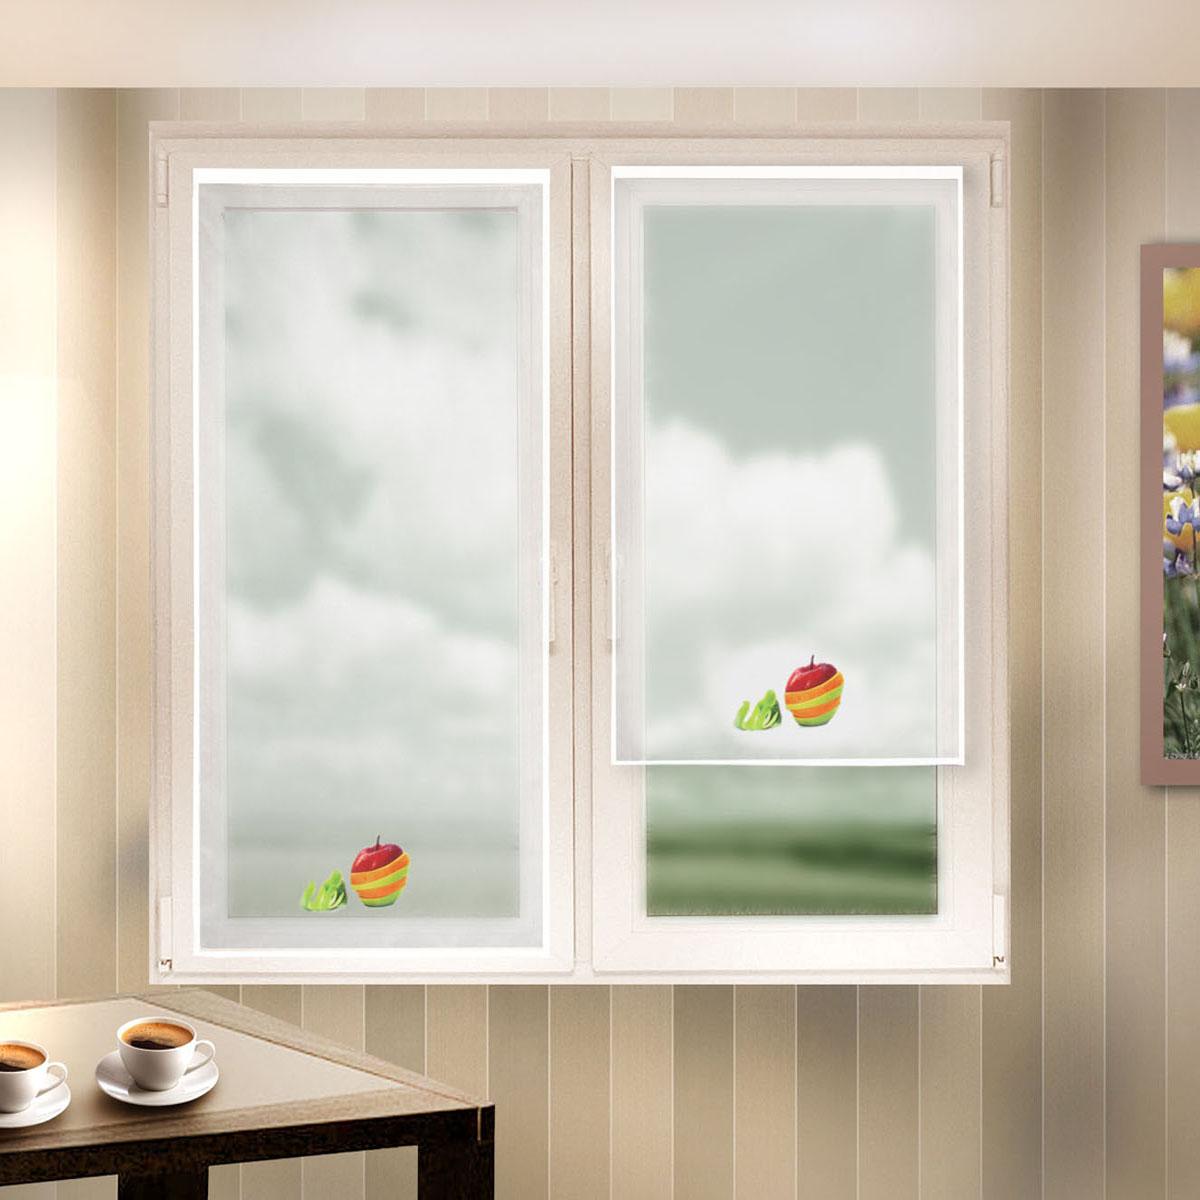 Гардина Zlata Korunka, на липкой ленте, цвет: белый, высота 120 см. 666041-1666041-1Гардина на липкой ленте Zlata Korunka, изготовленная из легкого полиэстера, станет великолепным украшением любого окна. Полотно из белой вуали с печатным рисунком привлечет к себе внимание и органично впишется в интерьер комнаты. Крепление на липкой ленте, не требующее сверления стен и карниза. Многоразовое и мгновенное крепление.